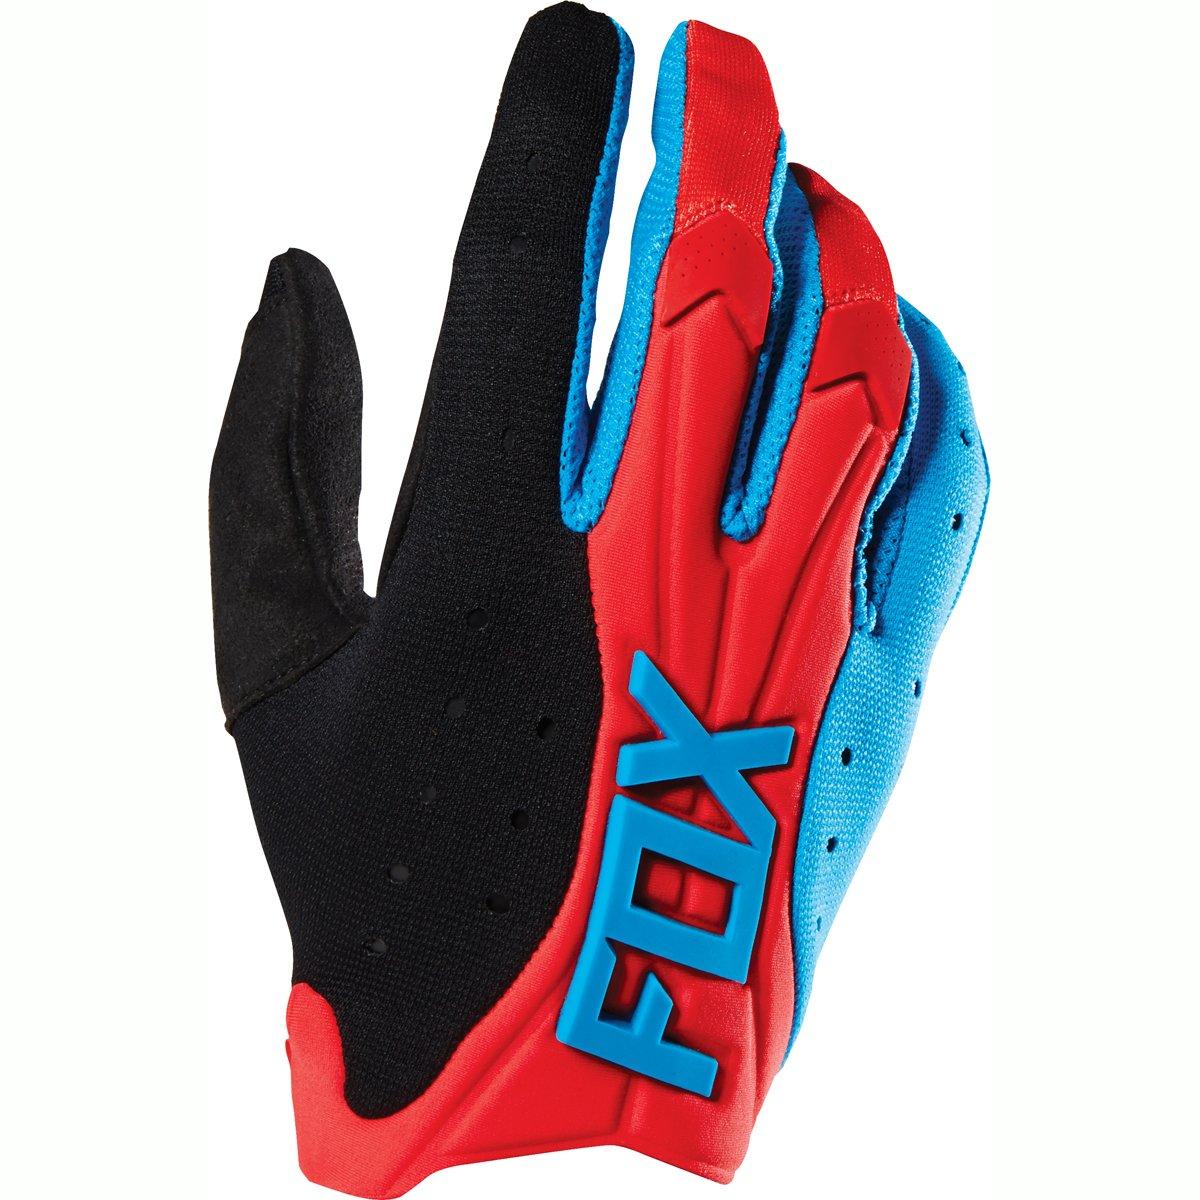 guante fox flexair azul/rojo talle l